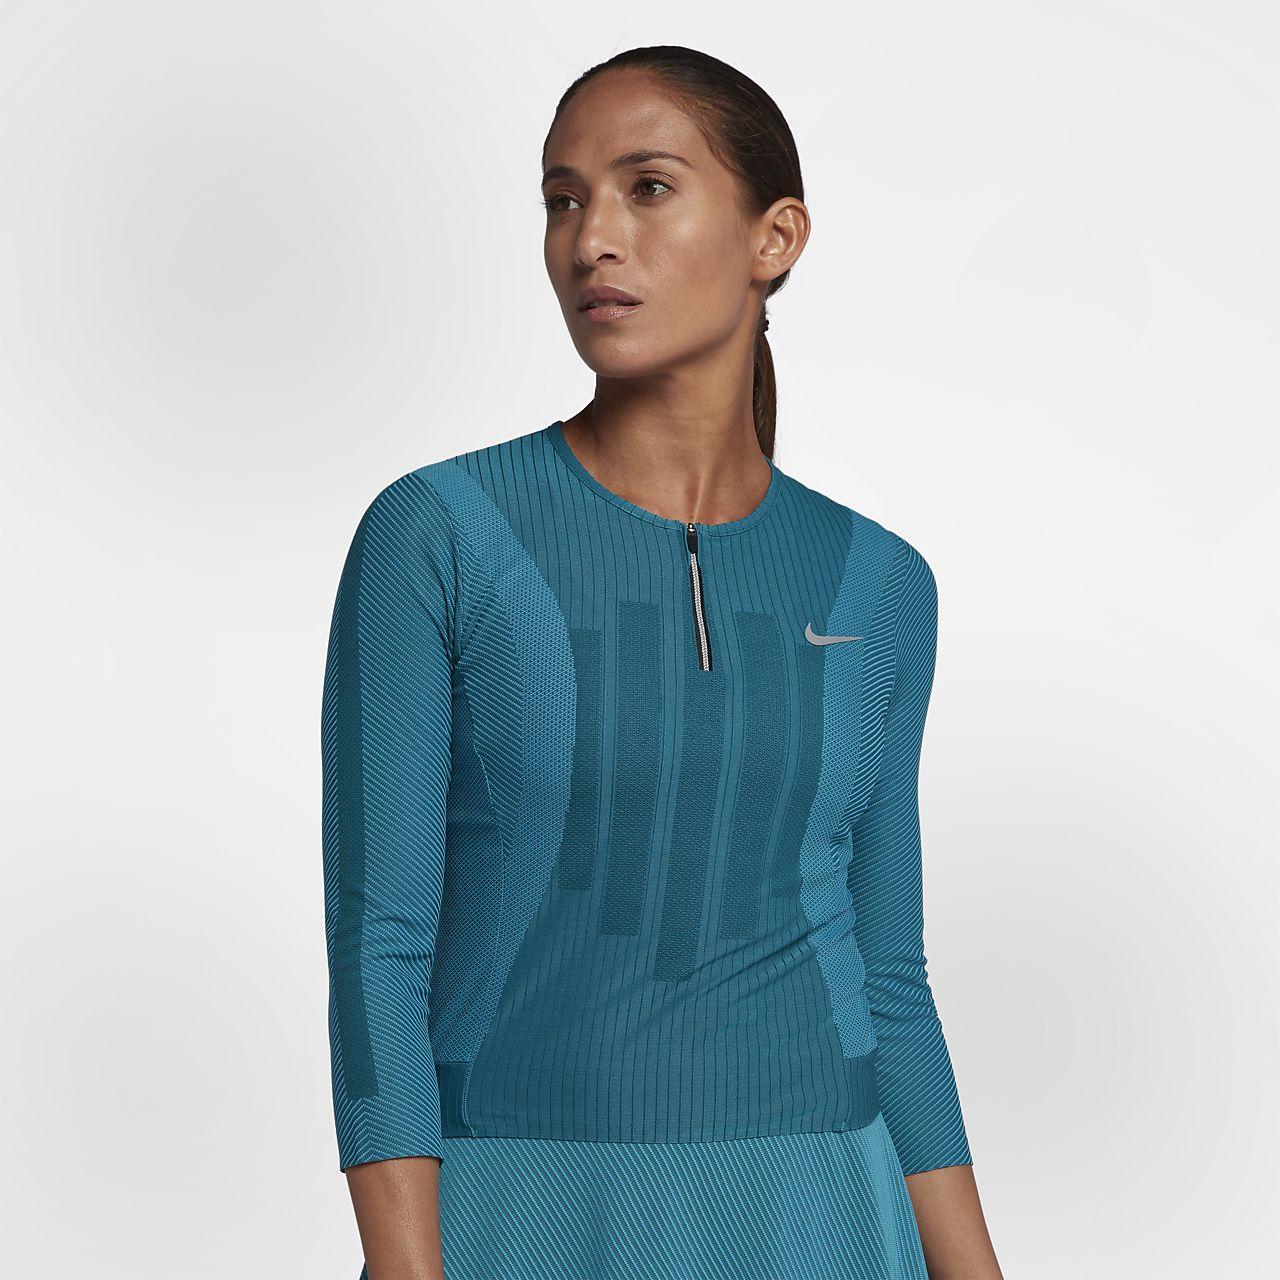 ... NikeCourt Zonal Cooling Slam Women's Tennis Top